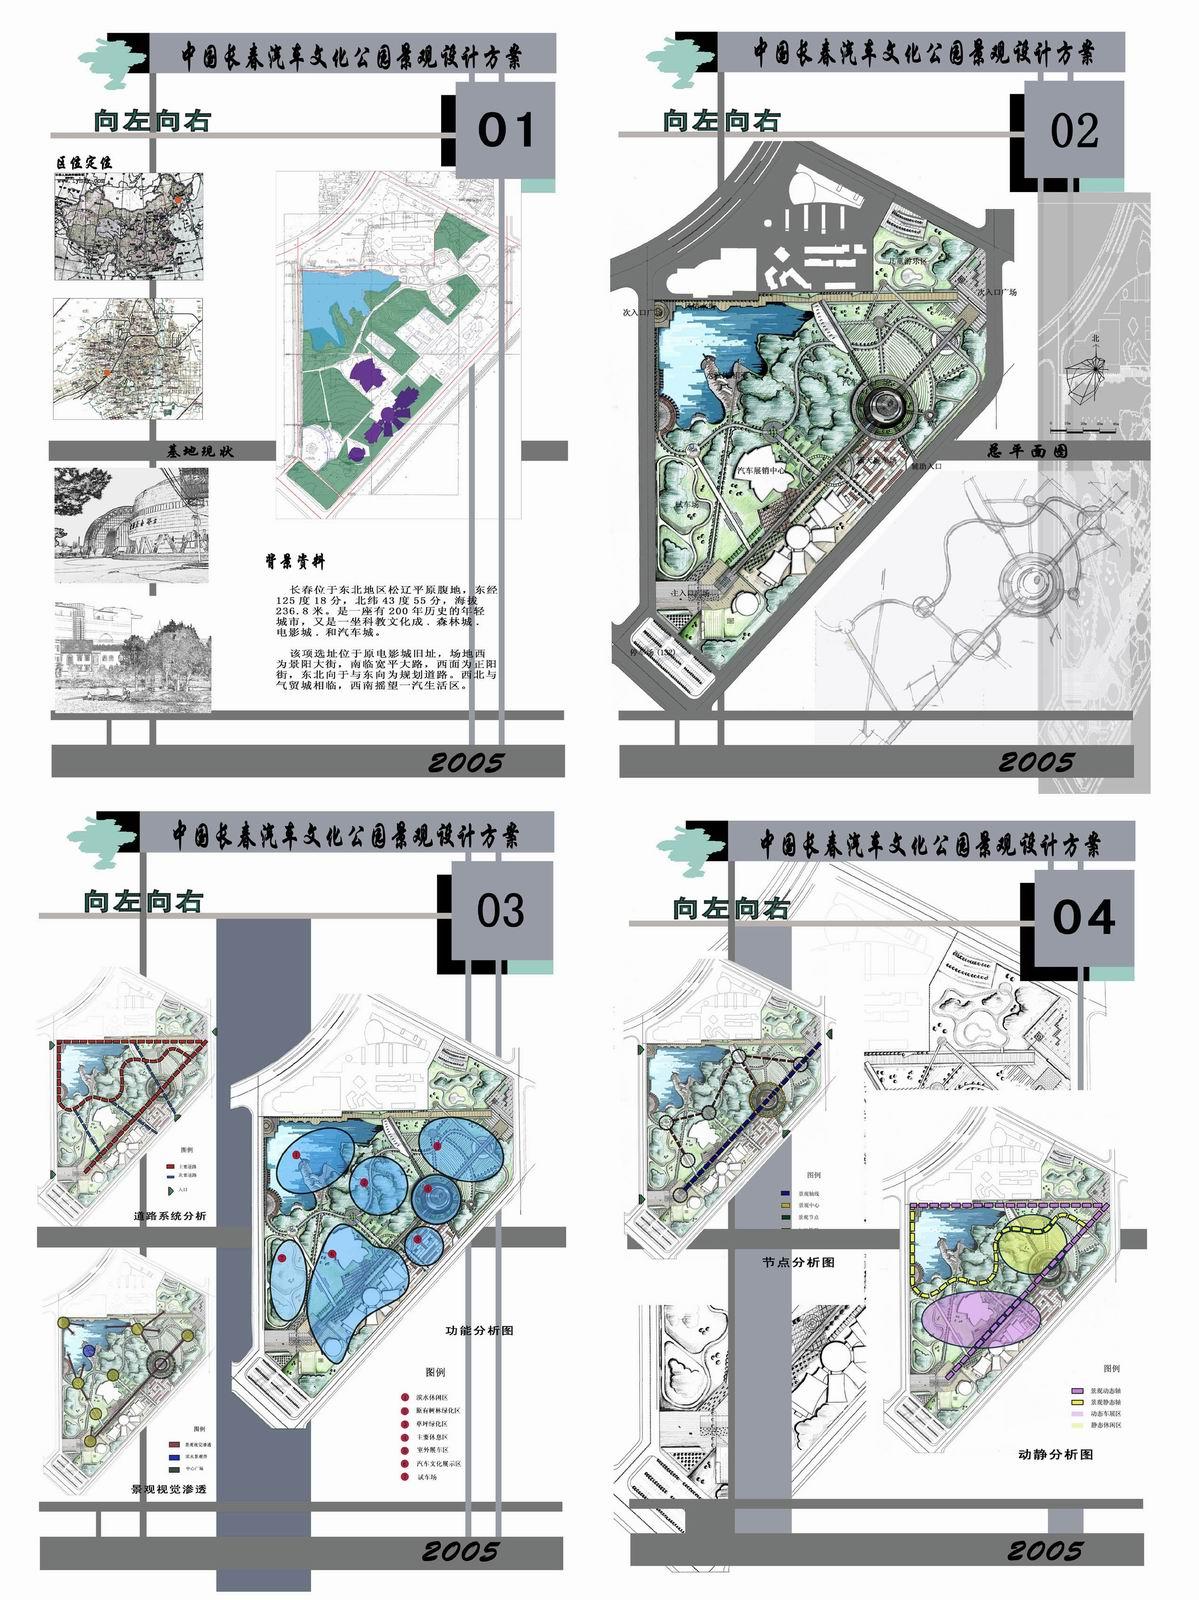 汽车文化公园景观设计方案全套